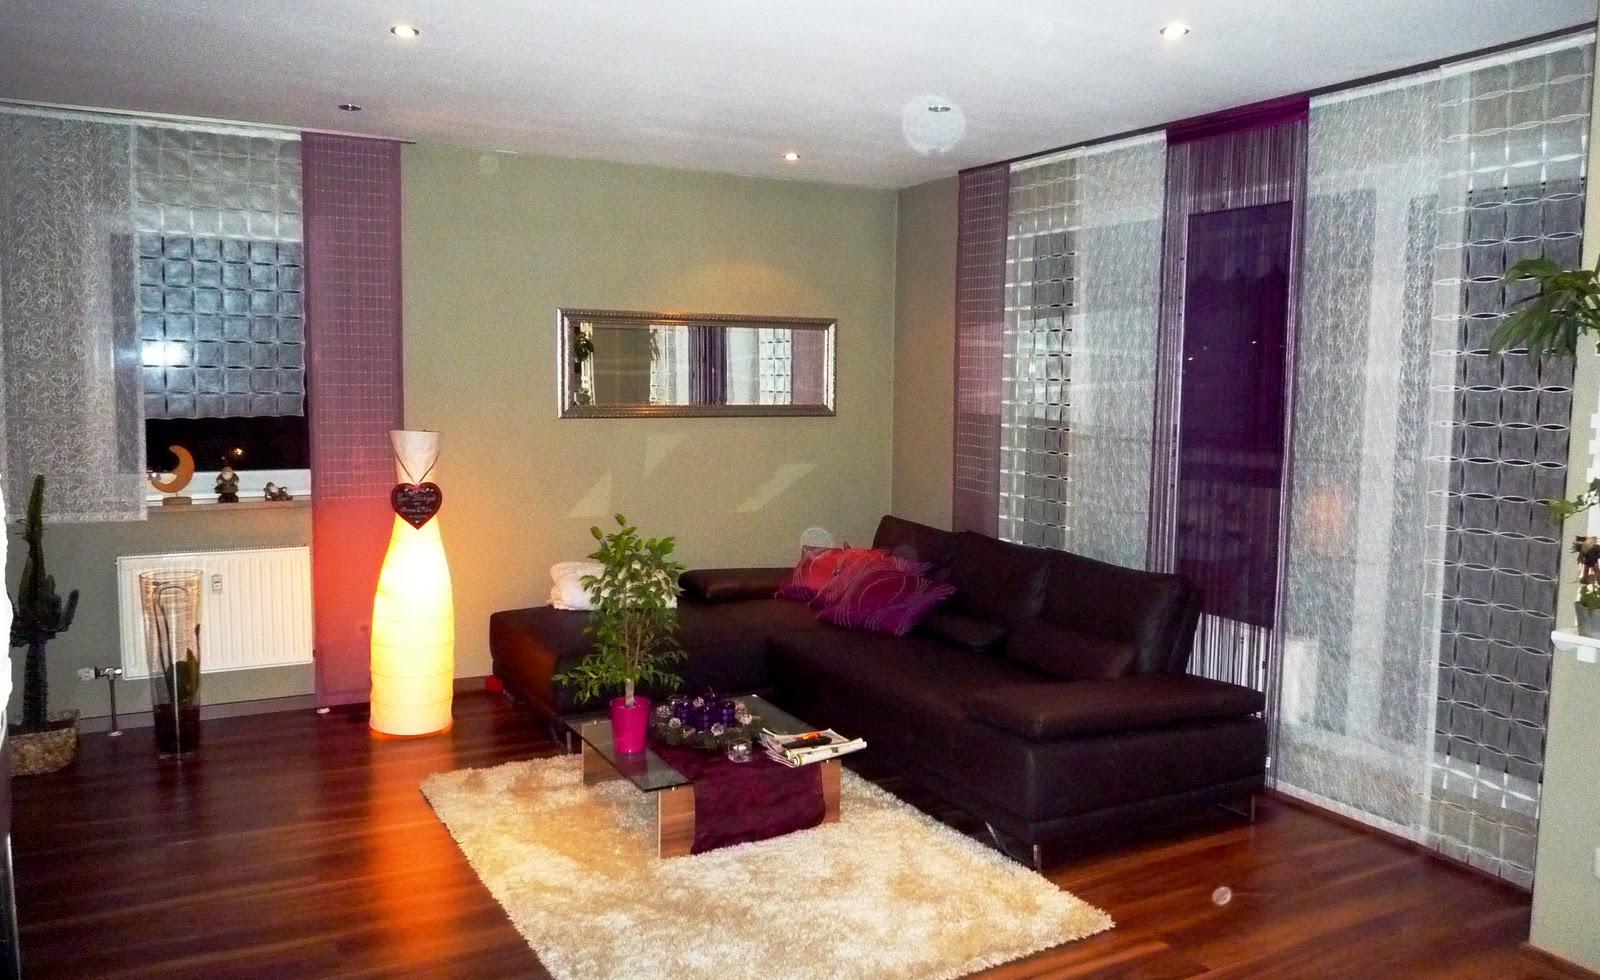 mimi muffin ein wohnzimmer wie aus dem katalog. Black Bedroom Furniture Sets. Home Design Ideas